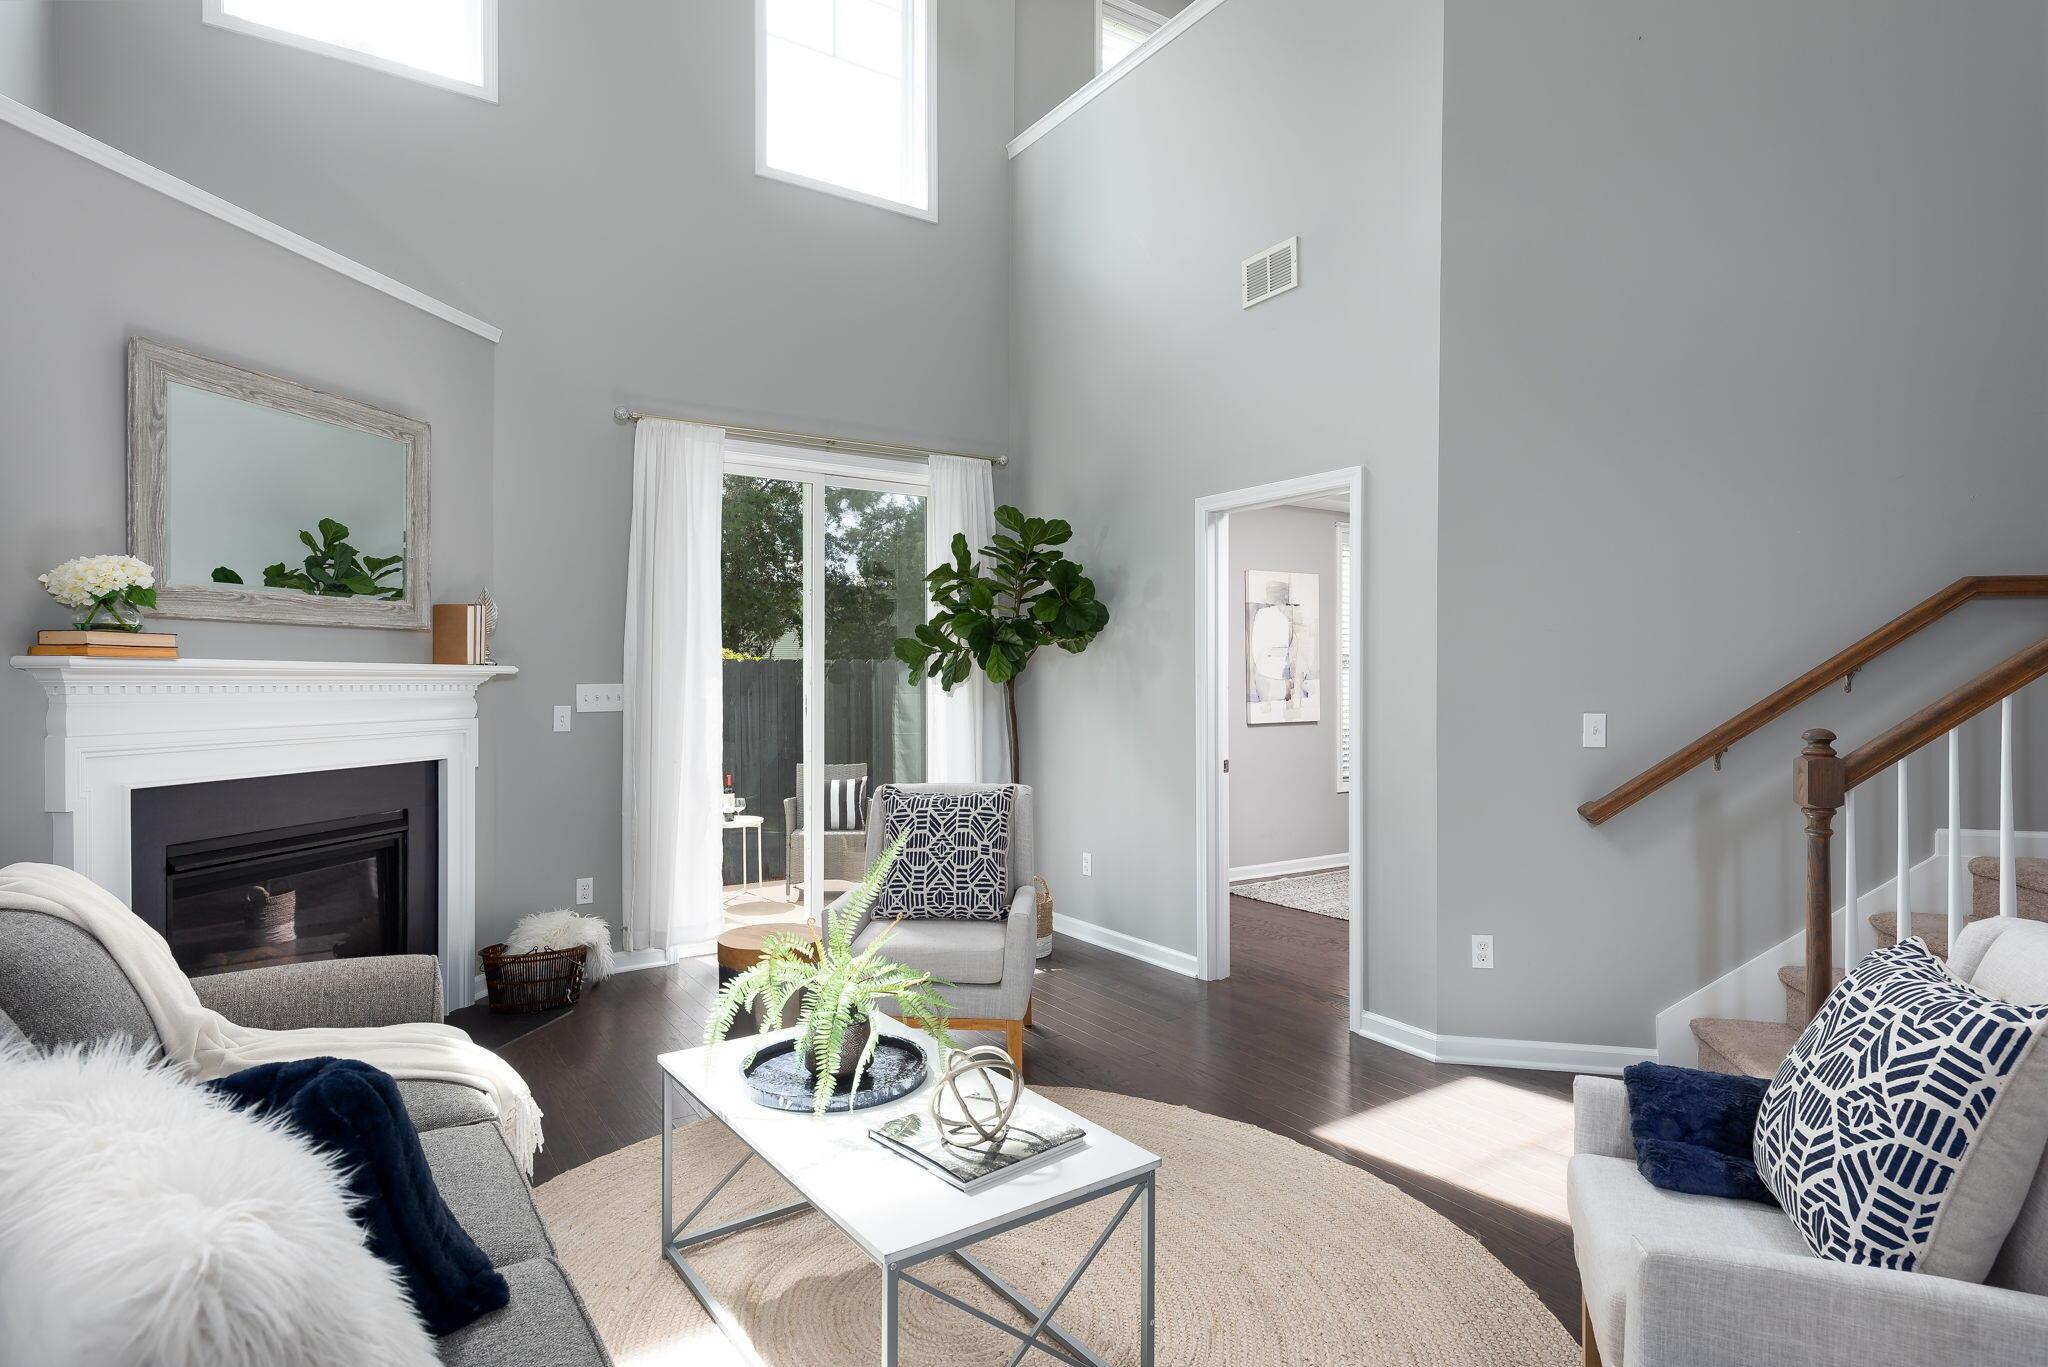 Park West Homes For Sale - 1656 Bridwell Lane, Mount Pleasant, SC - 7